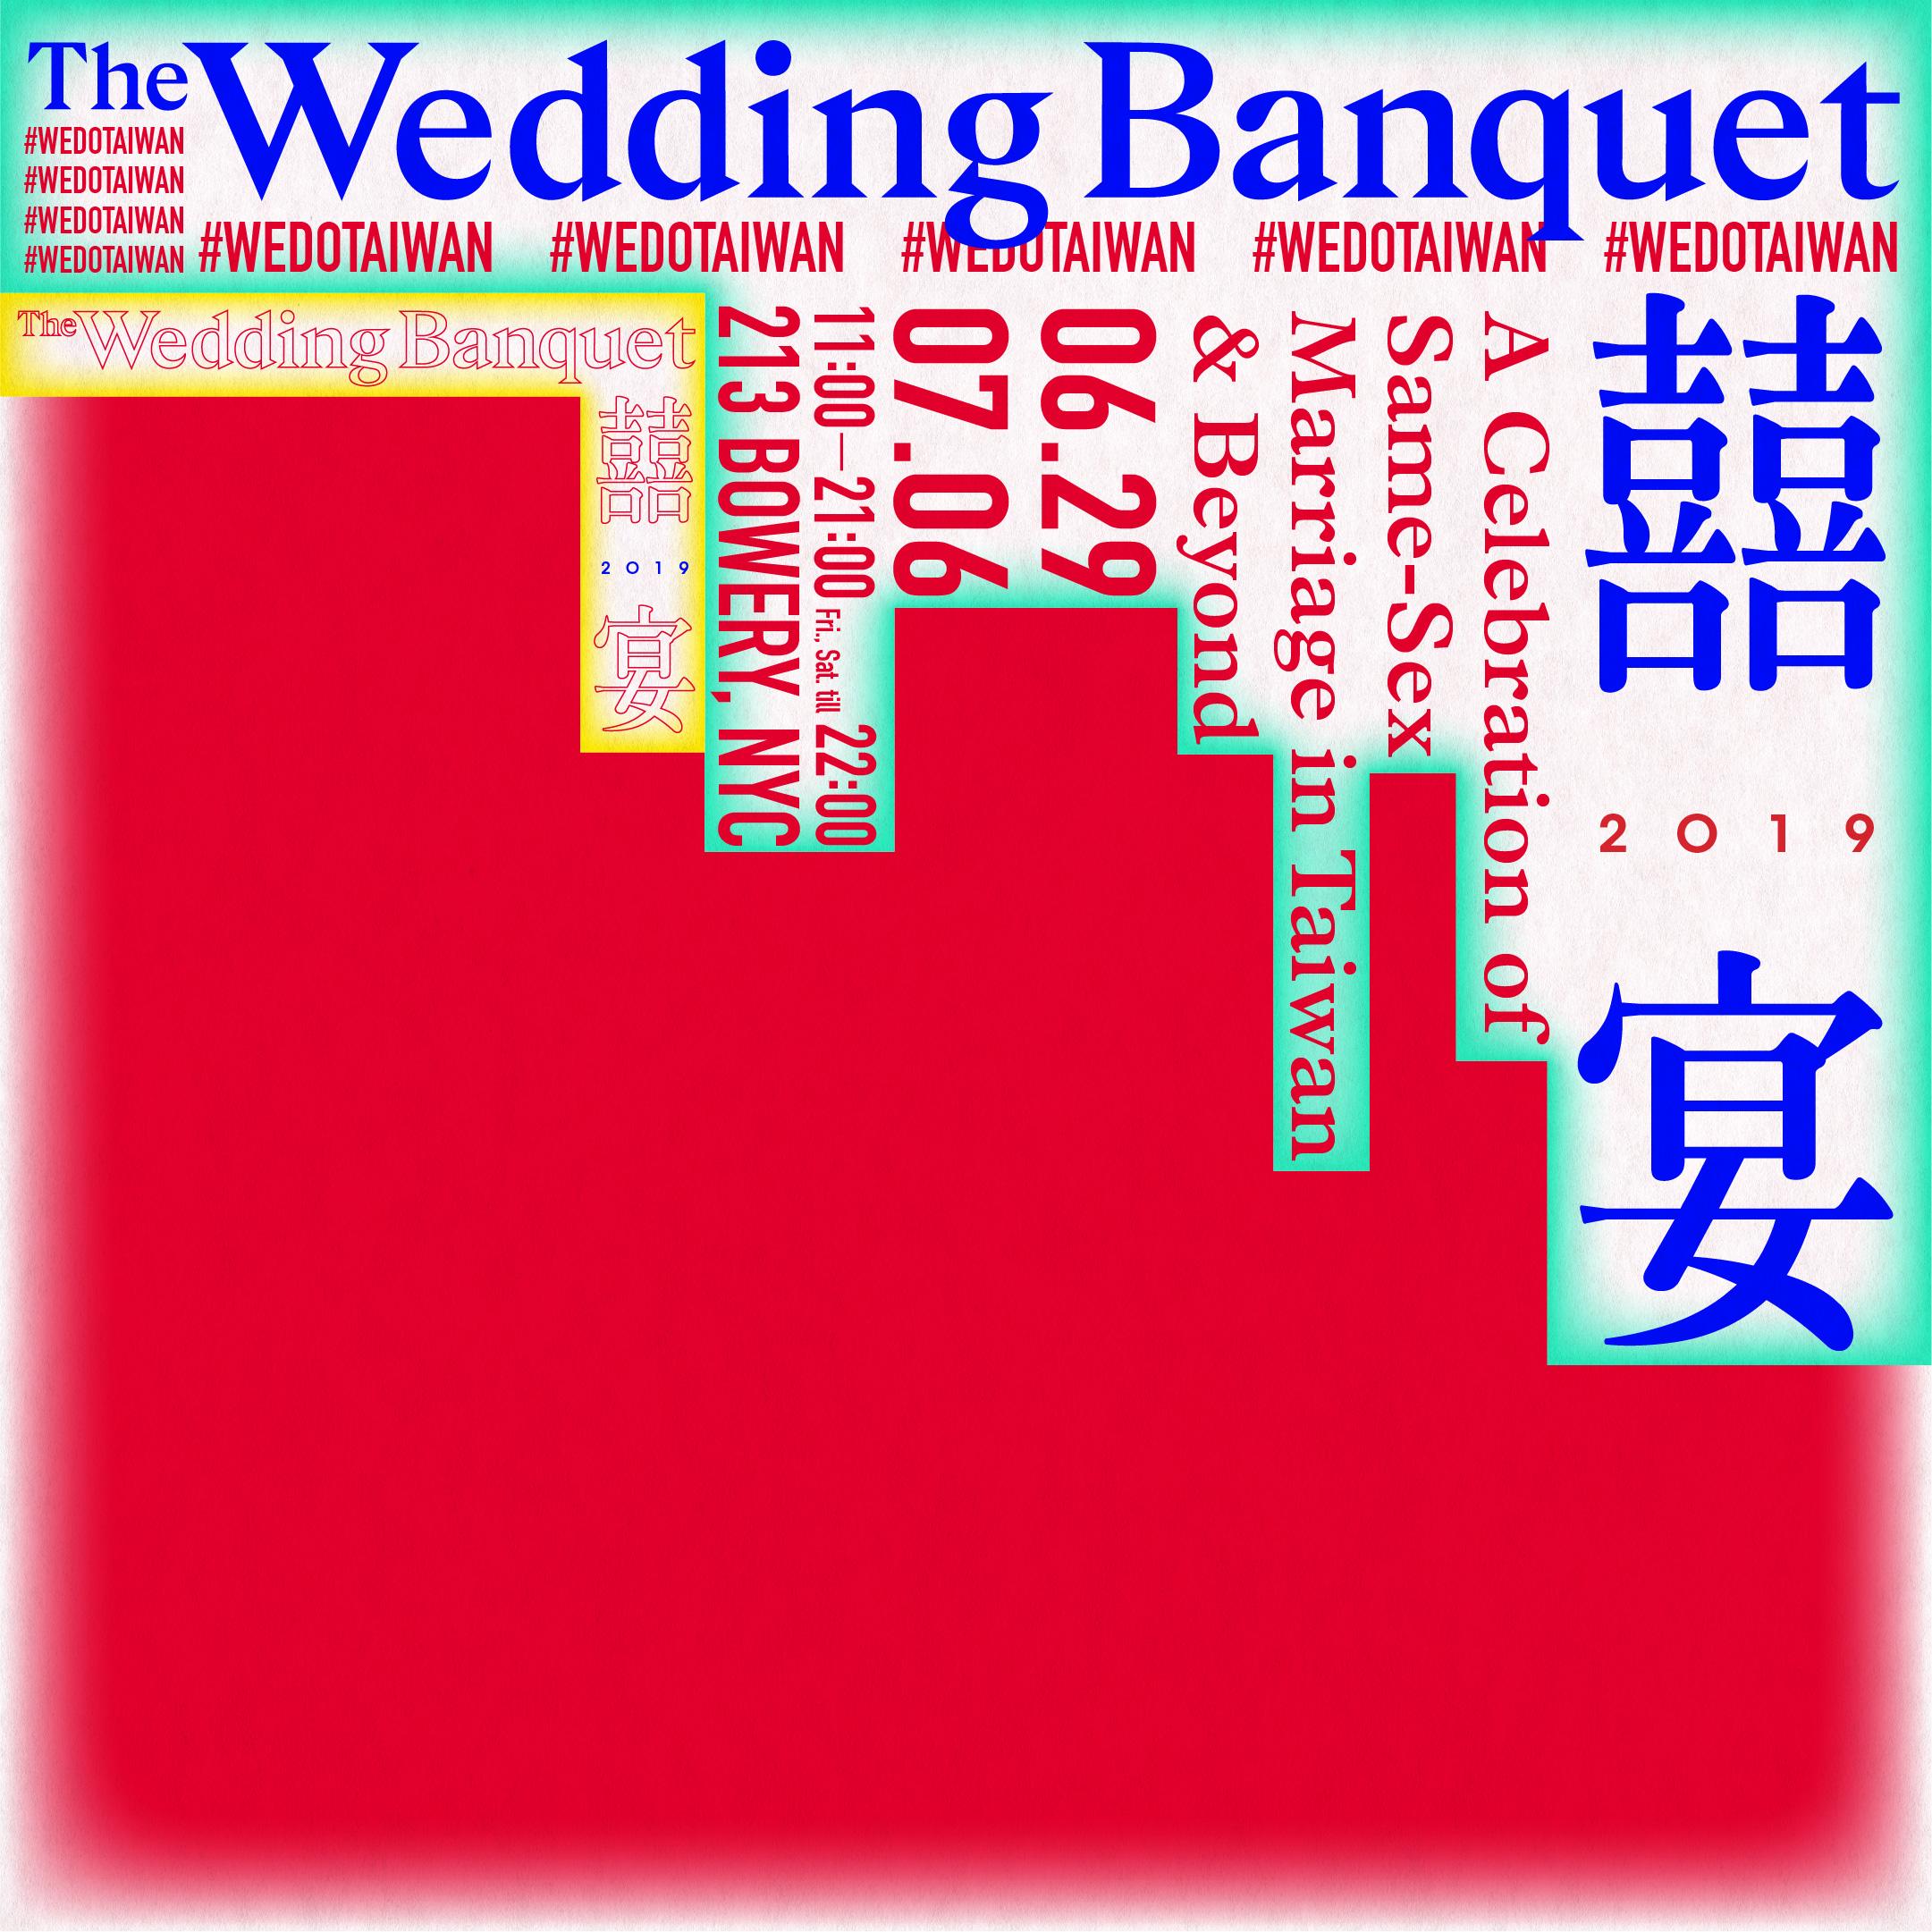 你會來嗎? 6/29-7/6,我們將在美國紐約舉行我們的囍宴。如果你在台灣無法前往,我們會帶著你的驚喜前往台灣的另一端,用最喜氣的方式,和國際分享台灣有愛的幸福好事! - **EXHIBITION INFO** TIME: June 29th to July 6th, 11am to 9pm, Friday & Saturday open till 10pm. VENUE: Perfect White Box Gallery (213 Bowery, New York, NY 10002, USA)  #WeDoTaiwan  #WeDo  #taiwan  #nyc  #囍宴